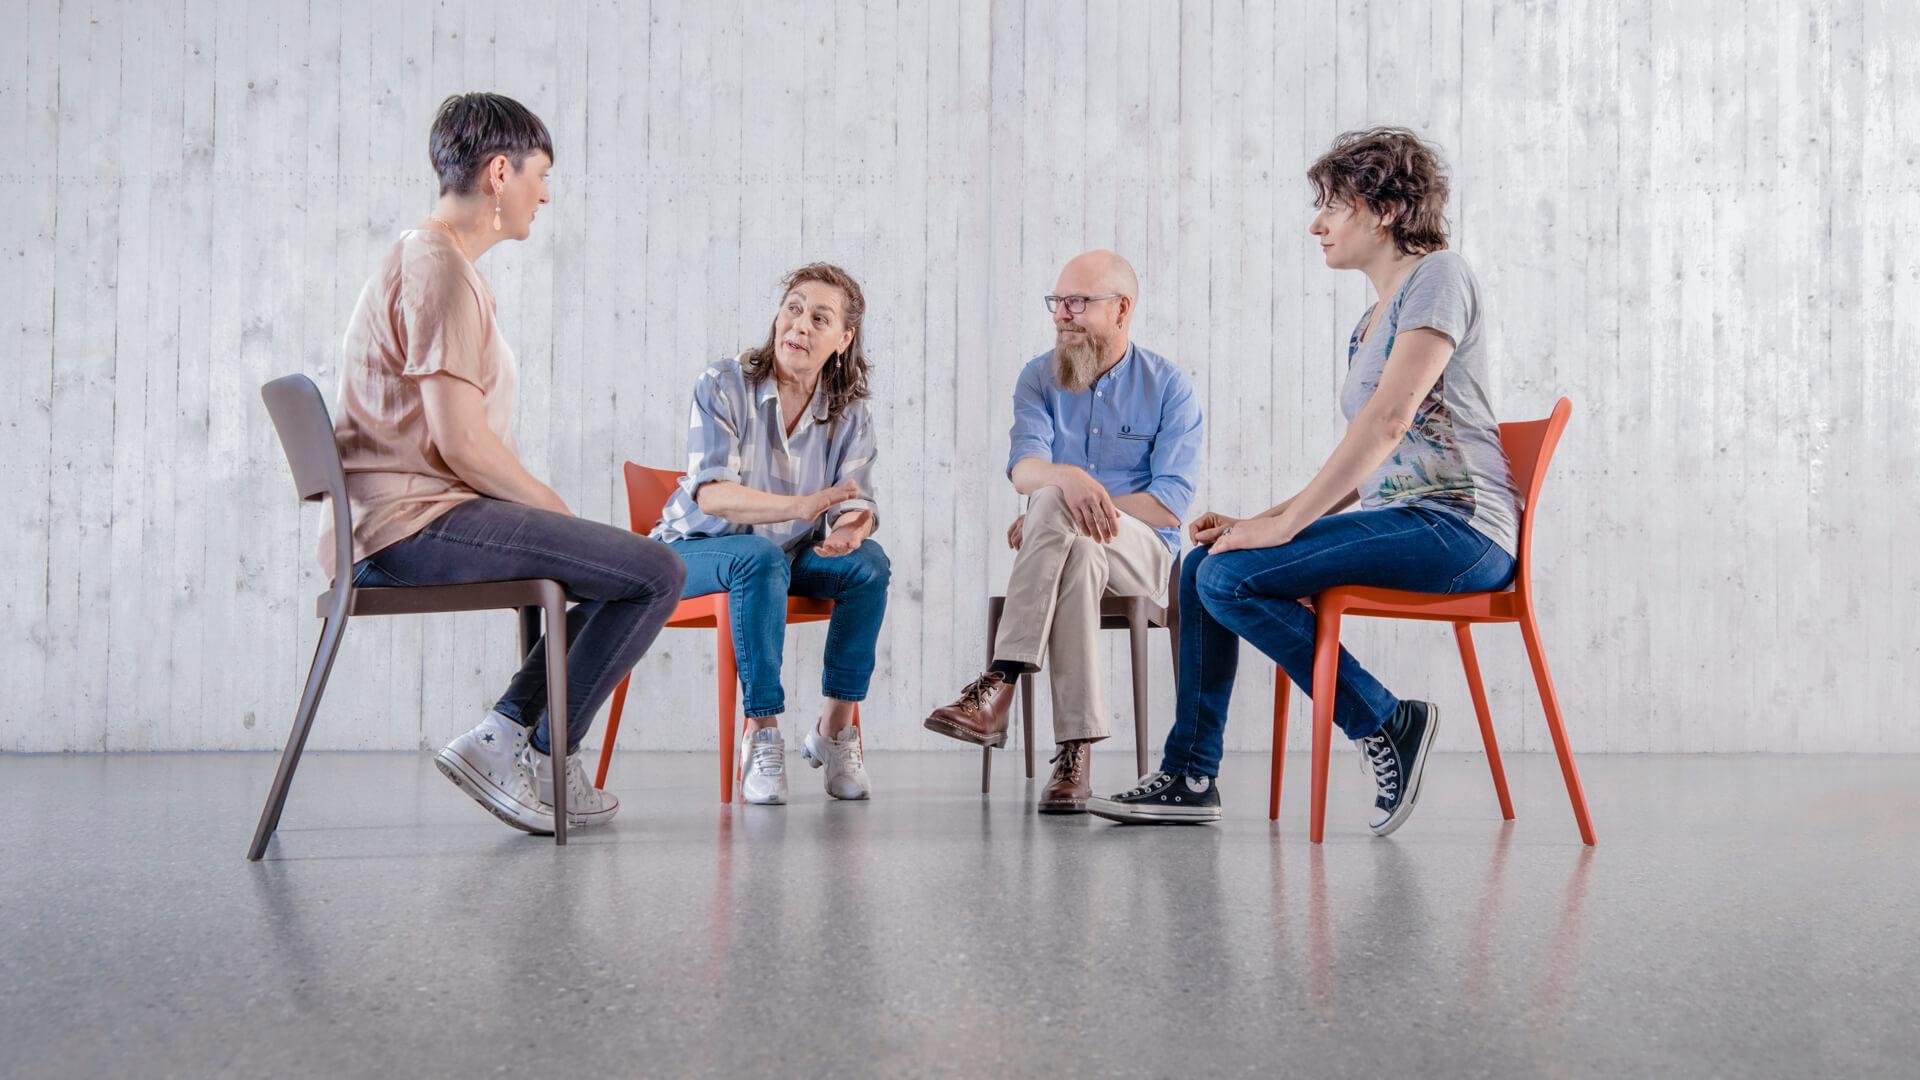 Drei Frauen und ein Mann sitzen in einer Runde und unterhalten sich